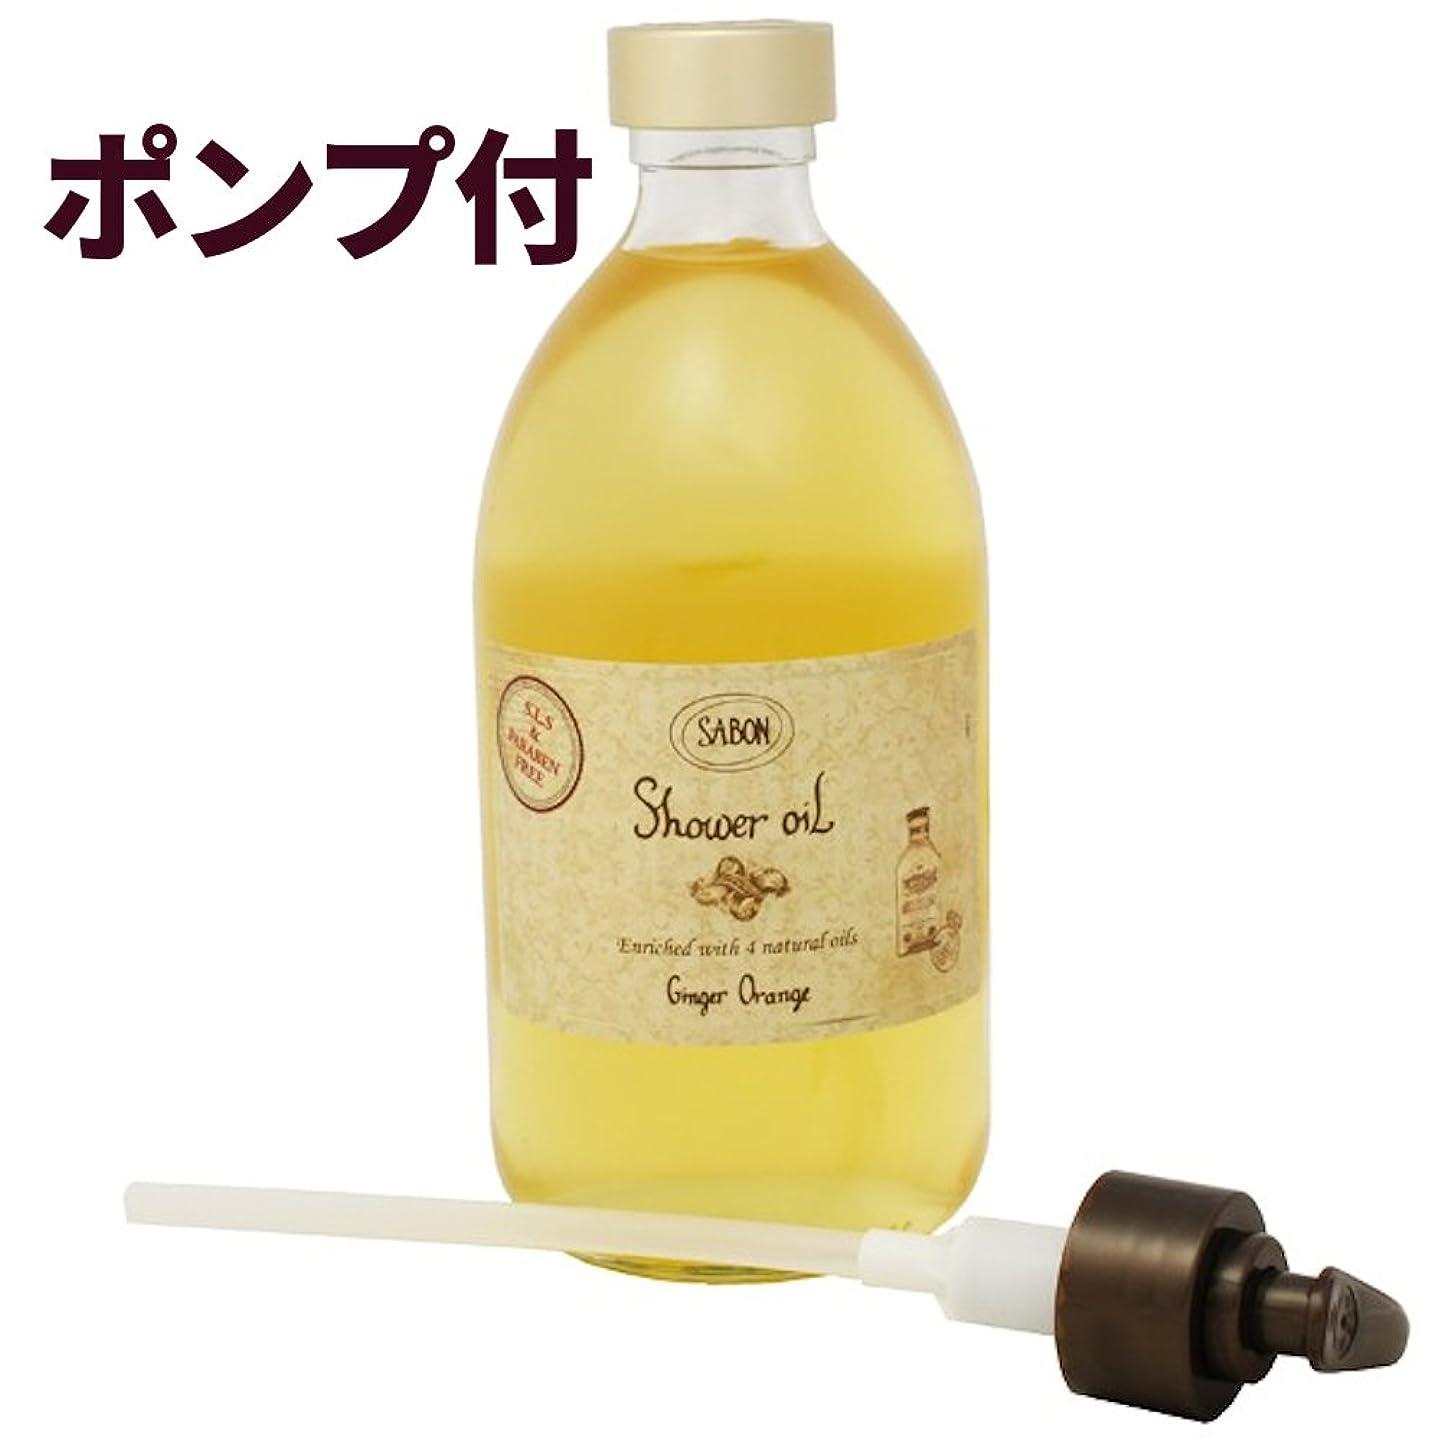 仲間一緒愛情深いサボン シャワーオイル ジンジャーオレンジ 500ml(並行輸入品)